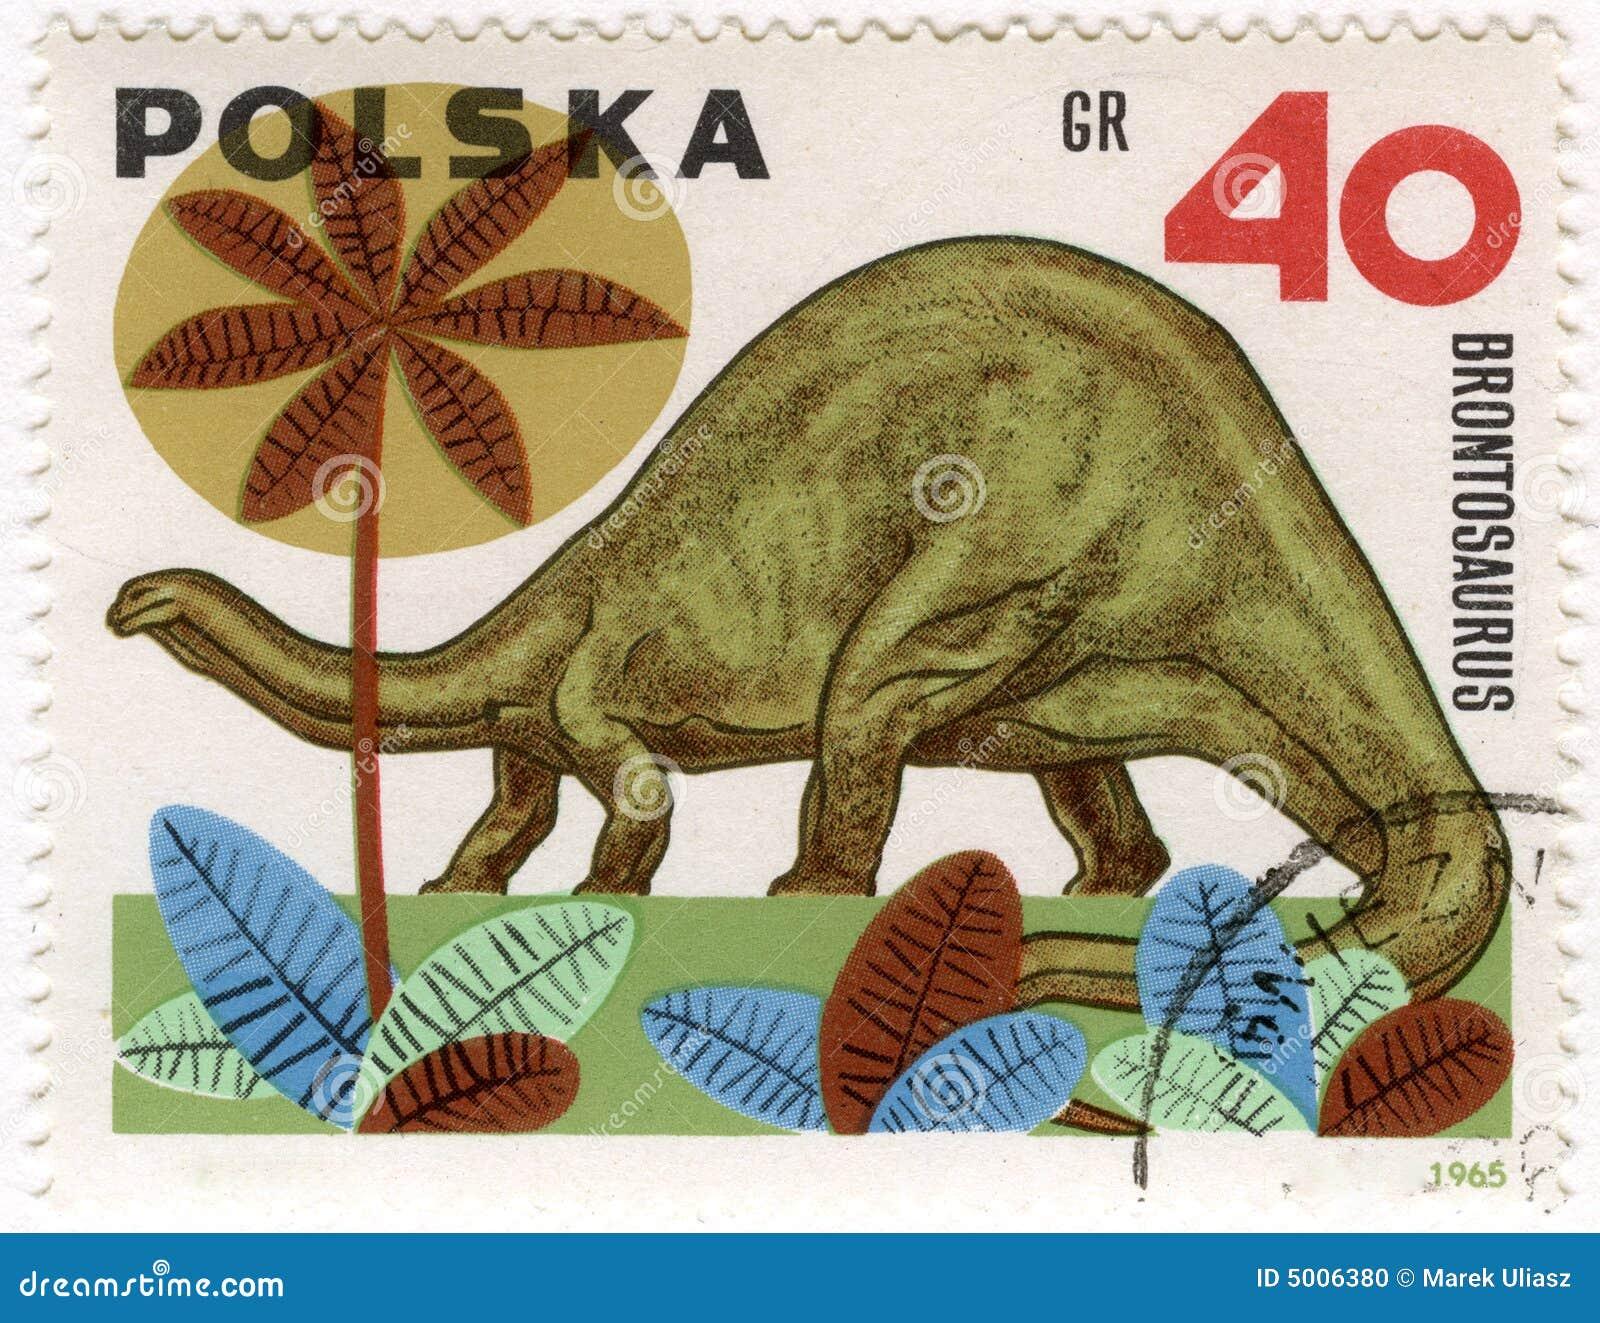 Dinosaurus (brontosaurus) op een uitstekende postzegel